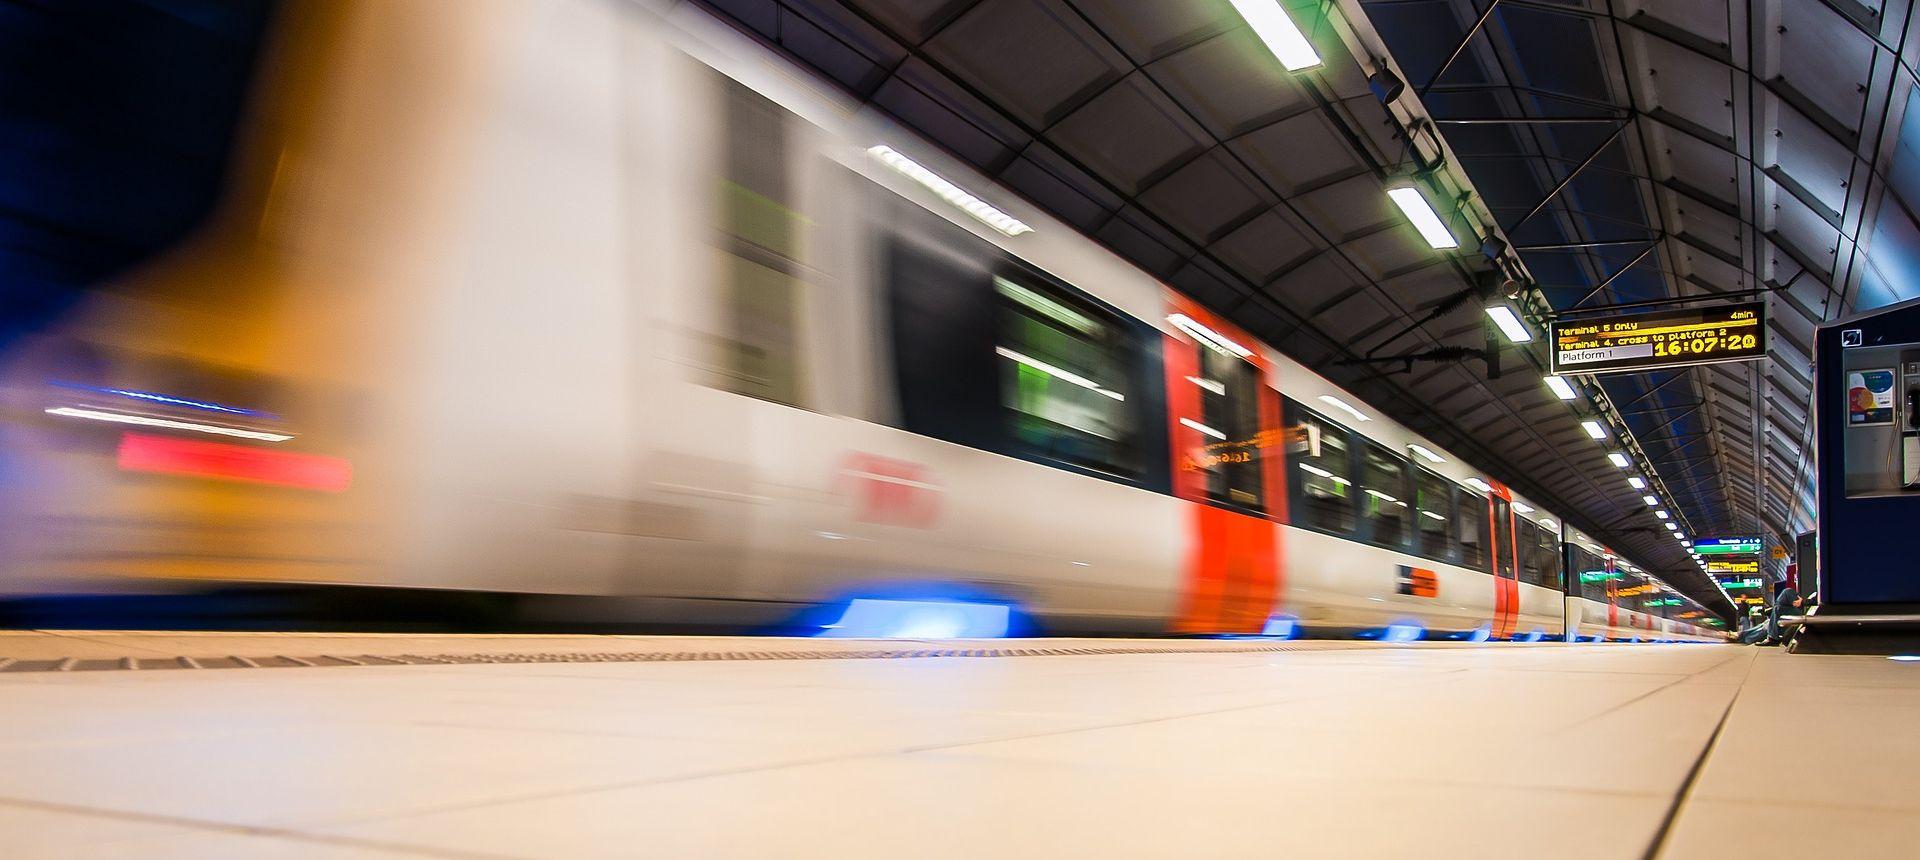 London nakon 150 godina dobiva noćne linije podzemne željeznice